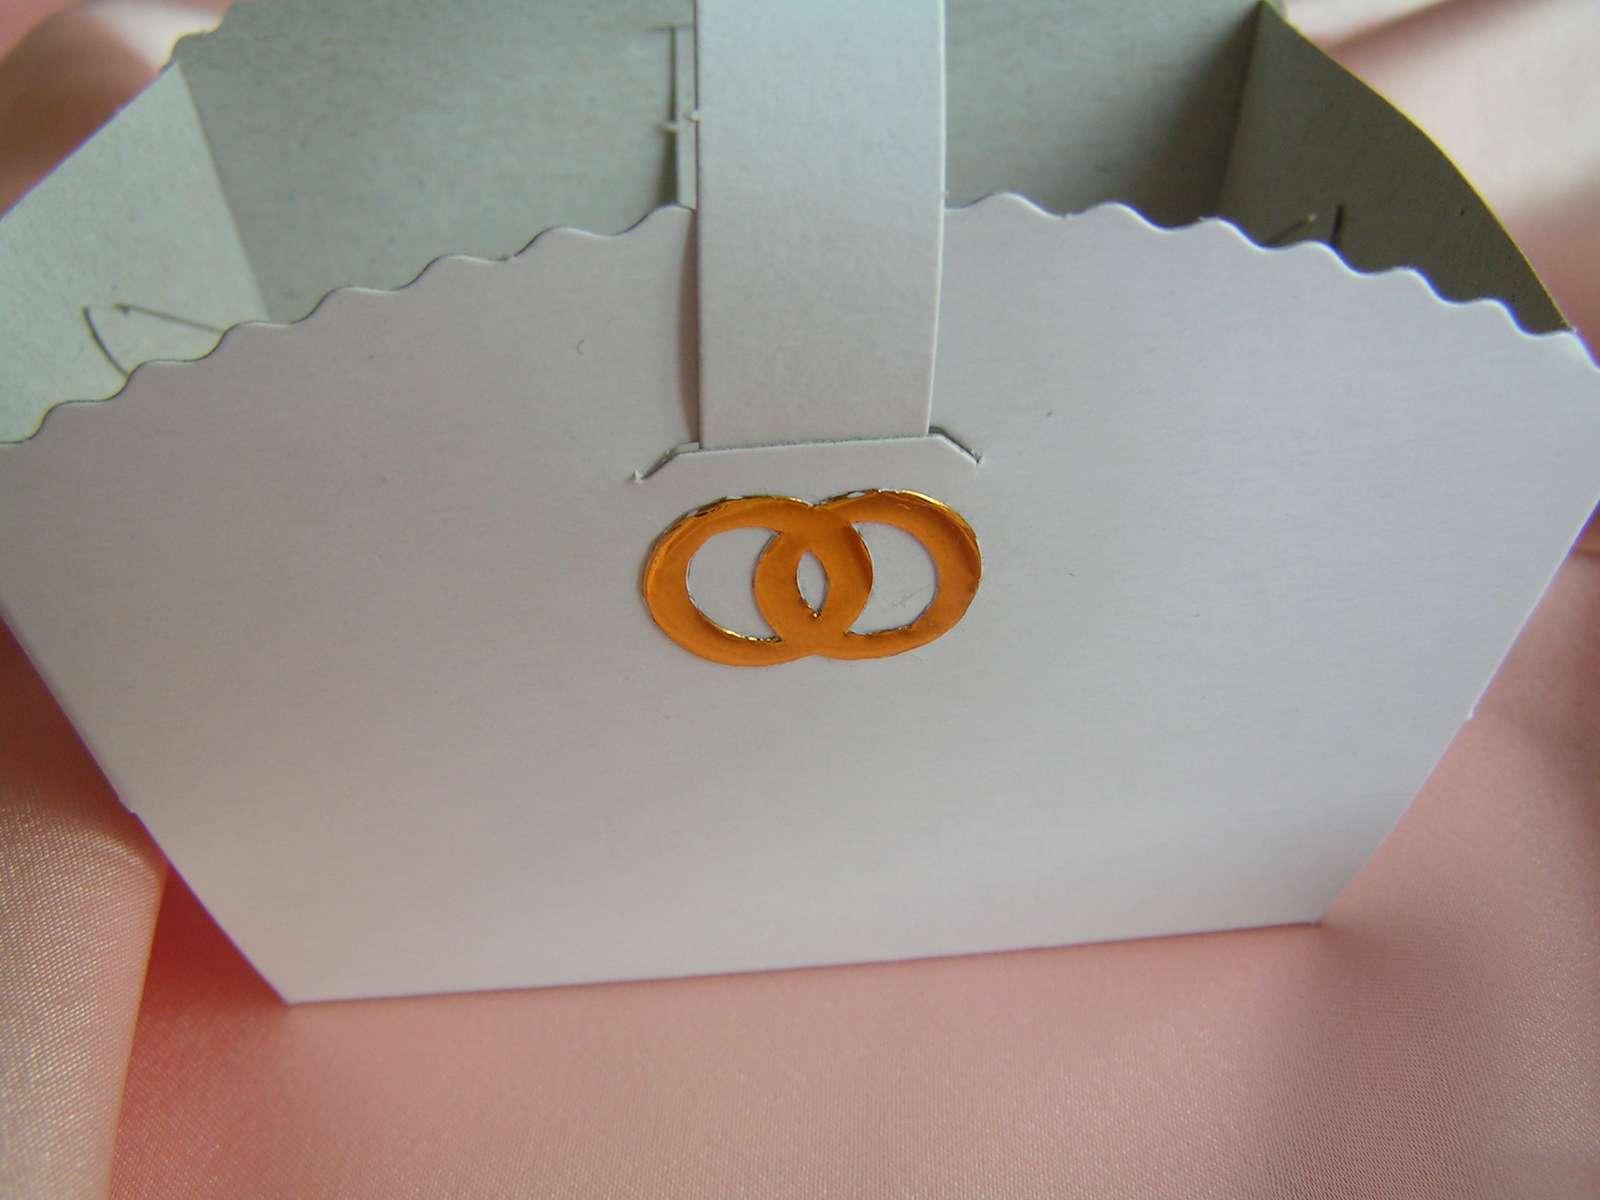 Košíček na koláčky - Obrázek č. 2